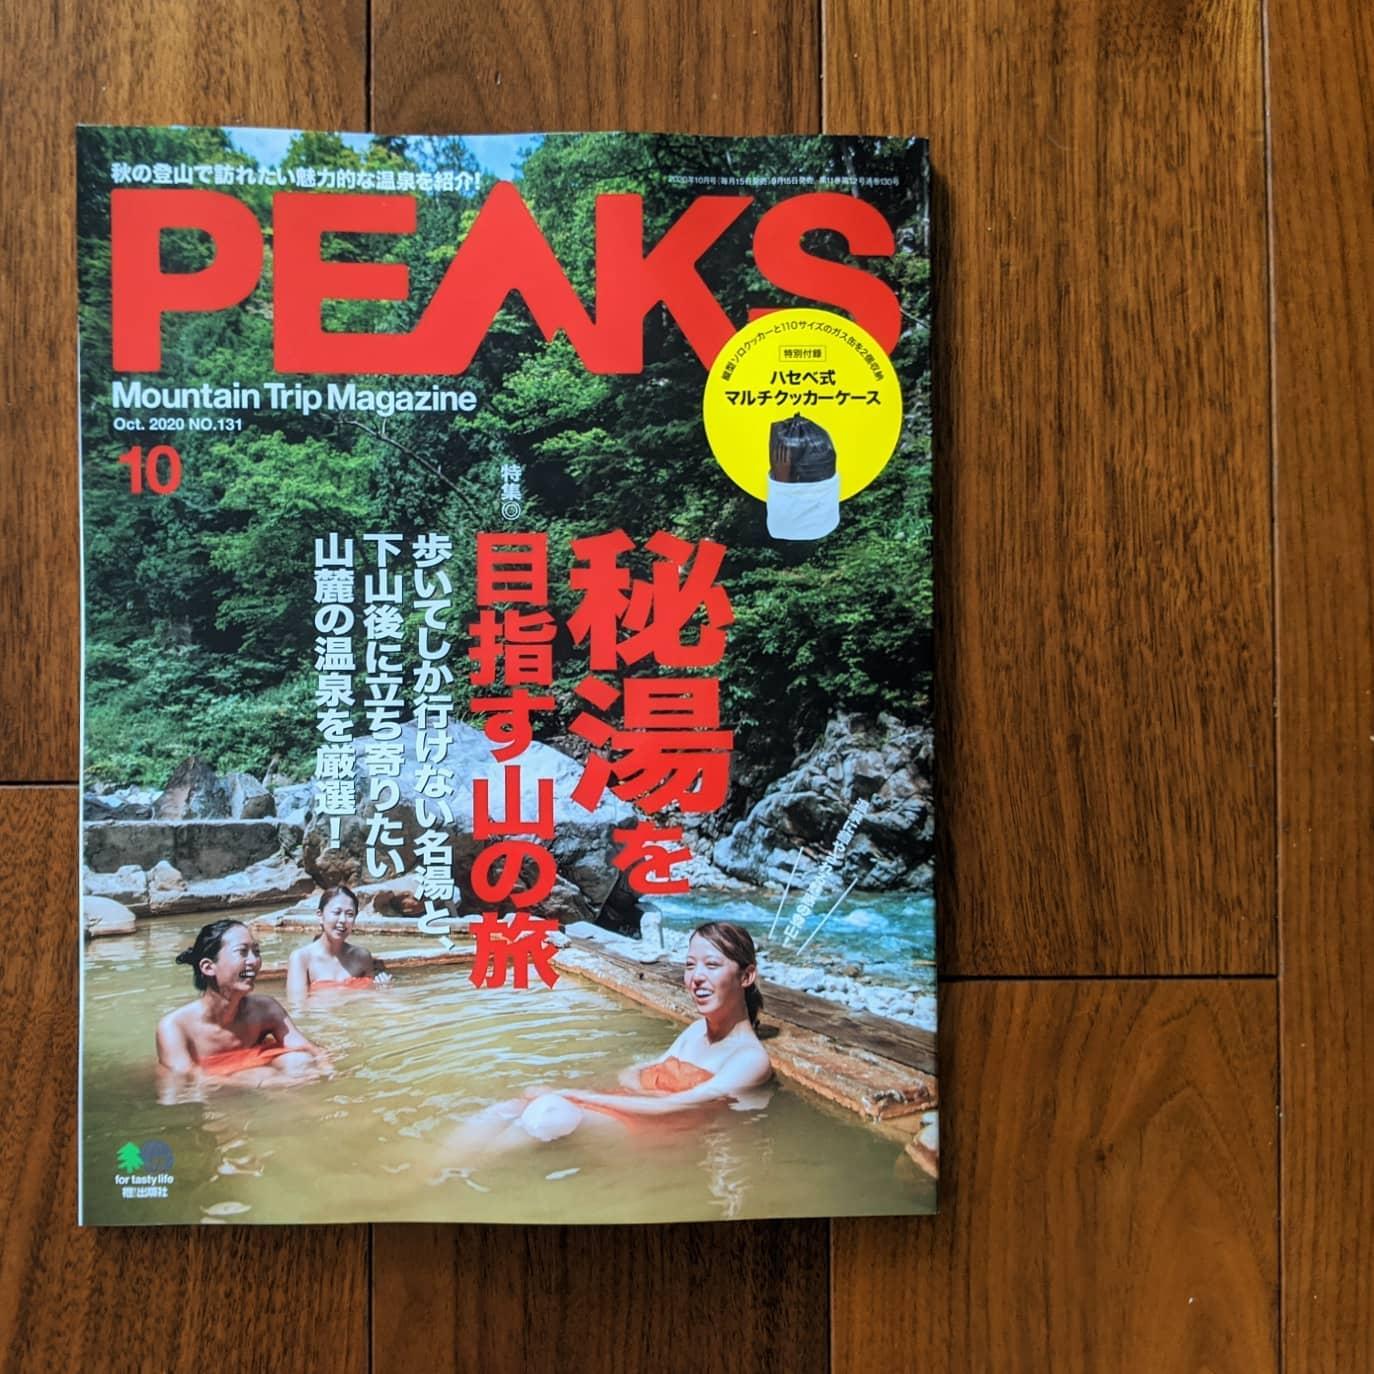 温泉マニア必見「PEAKS 10月号」は温泉特集!!